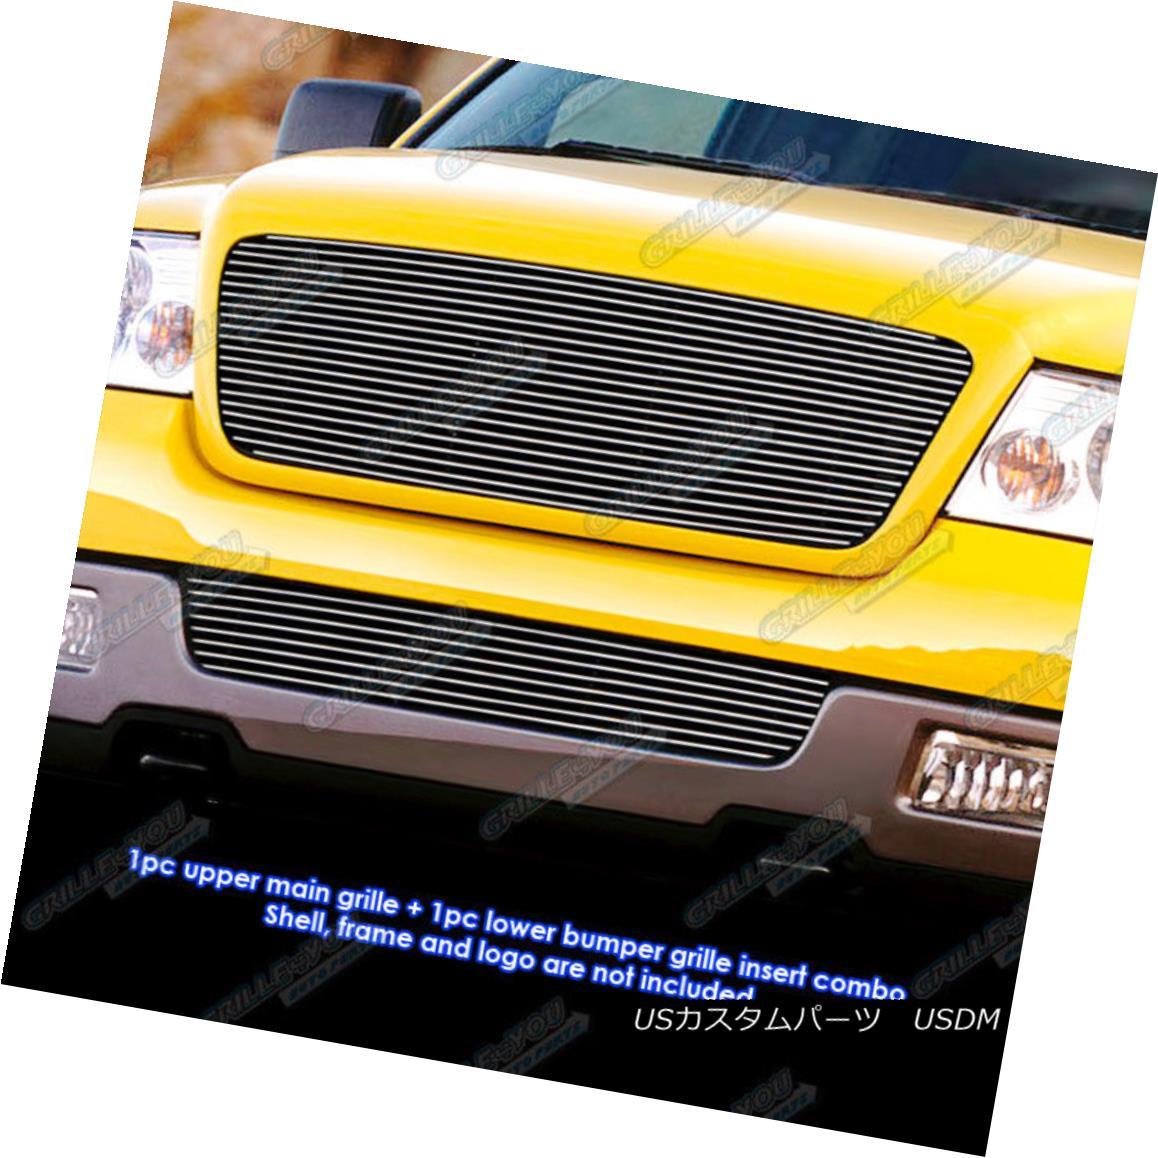 グリル Fits 2004-2005 Ford F-150 Full Face Billet Grille Grill Insert Combo 2004-2005 Ford F-150フルフェイスビレットグリルグリルインサートコンボ